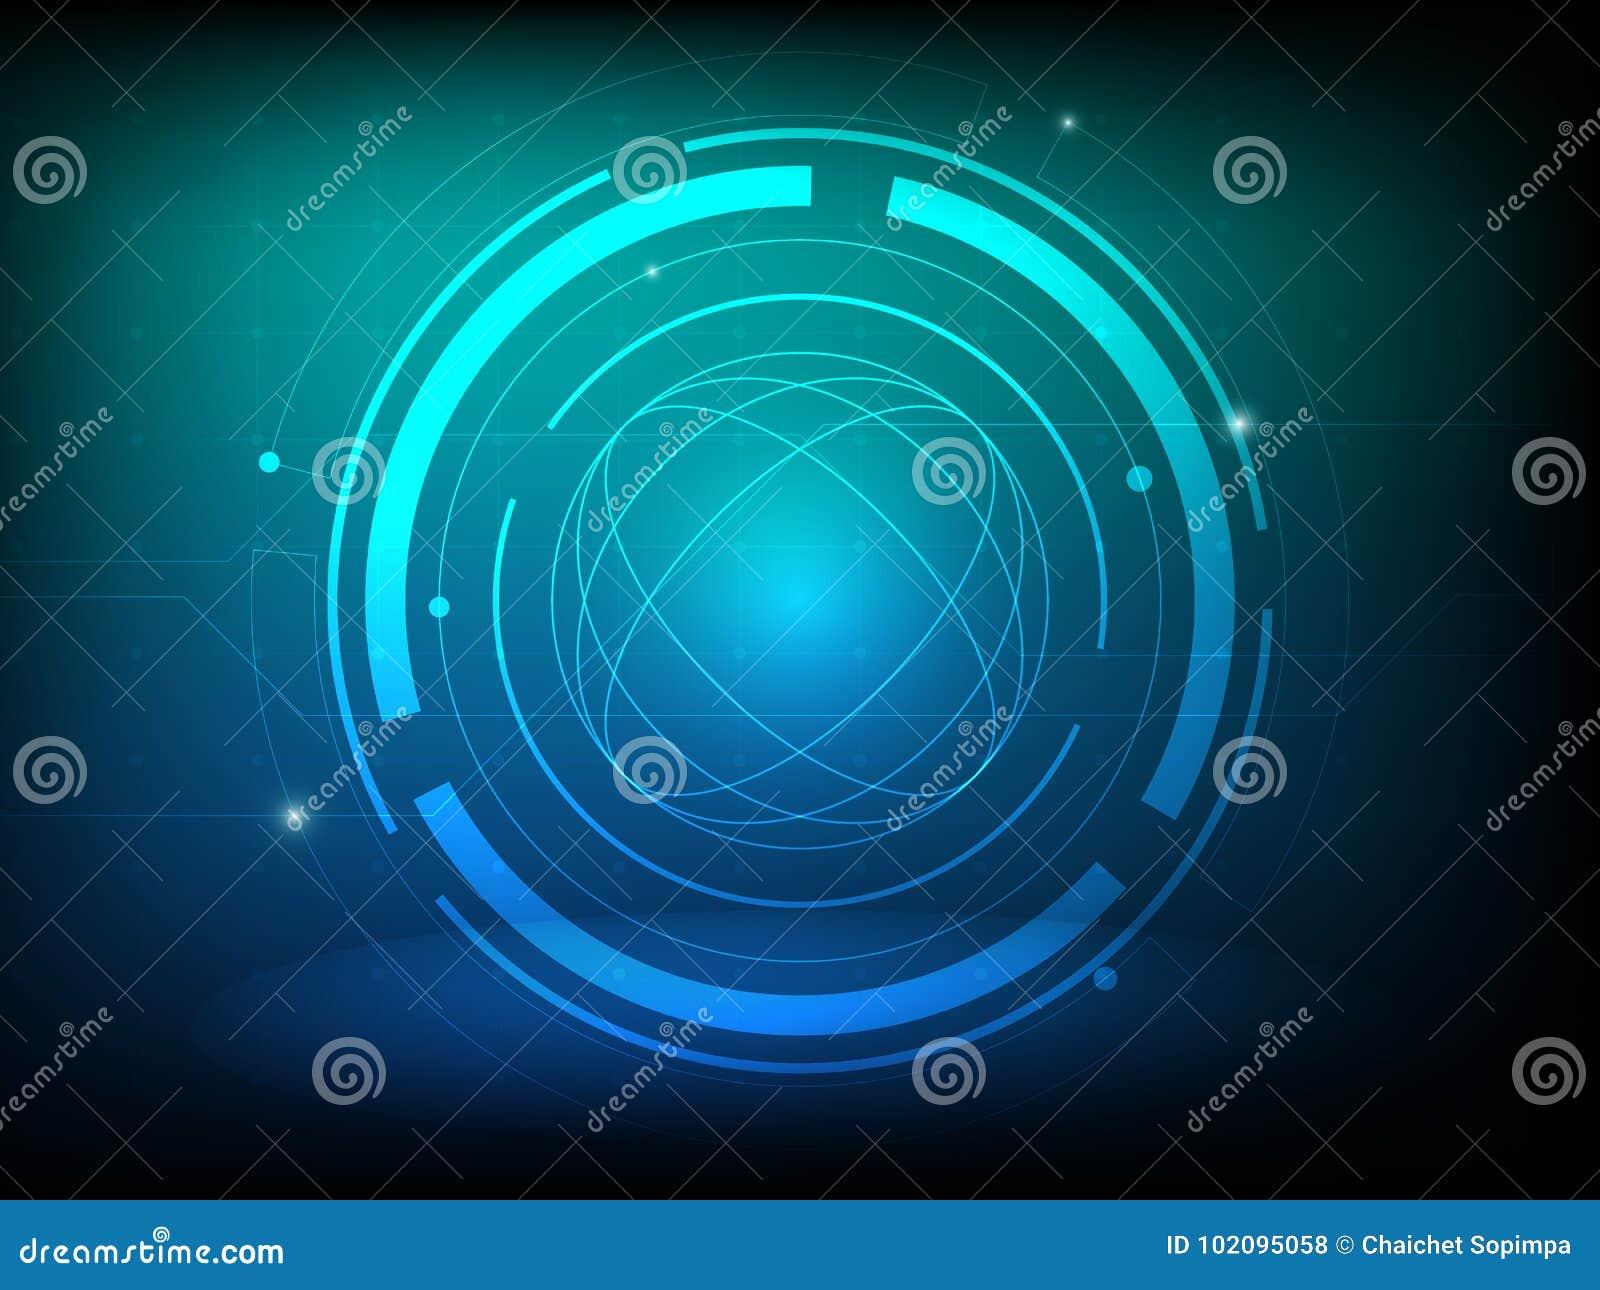 De abstracte blauwgroene achtergrond van de cirkel digitale technologie, futuristische het conceptenachtergrond van structuurelem